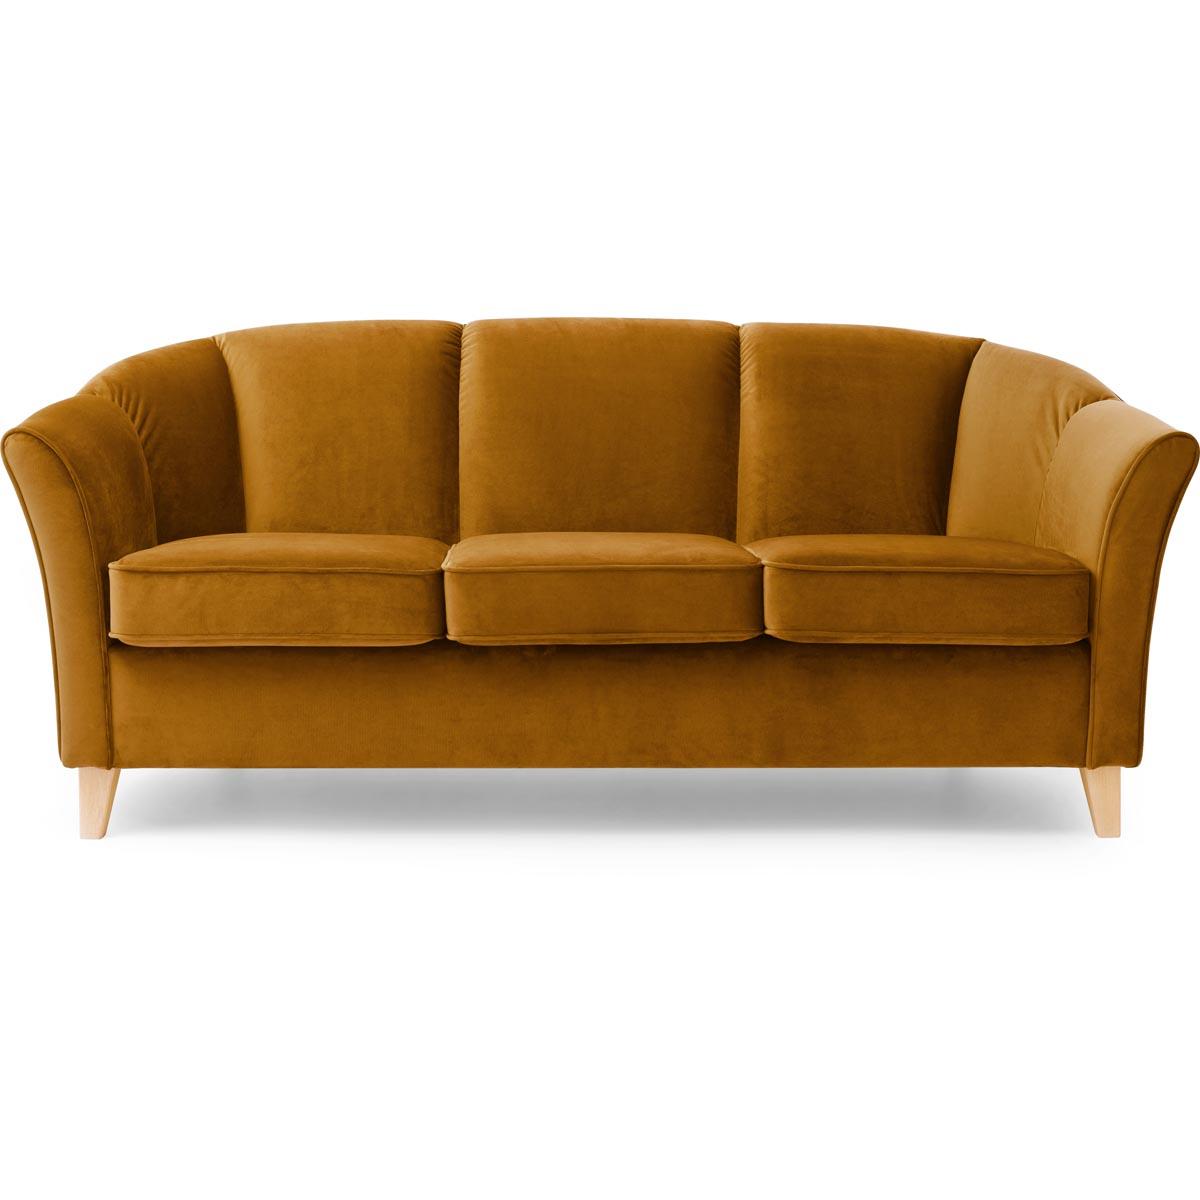 Ekerö soffa 3-sits tyg Monolith 48 guld